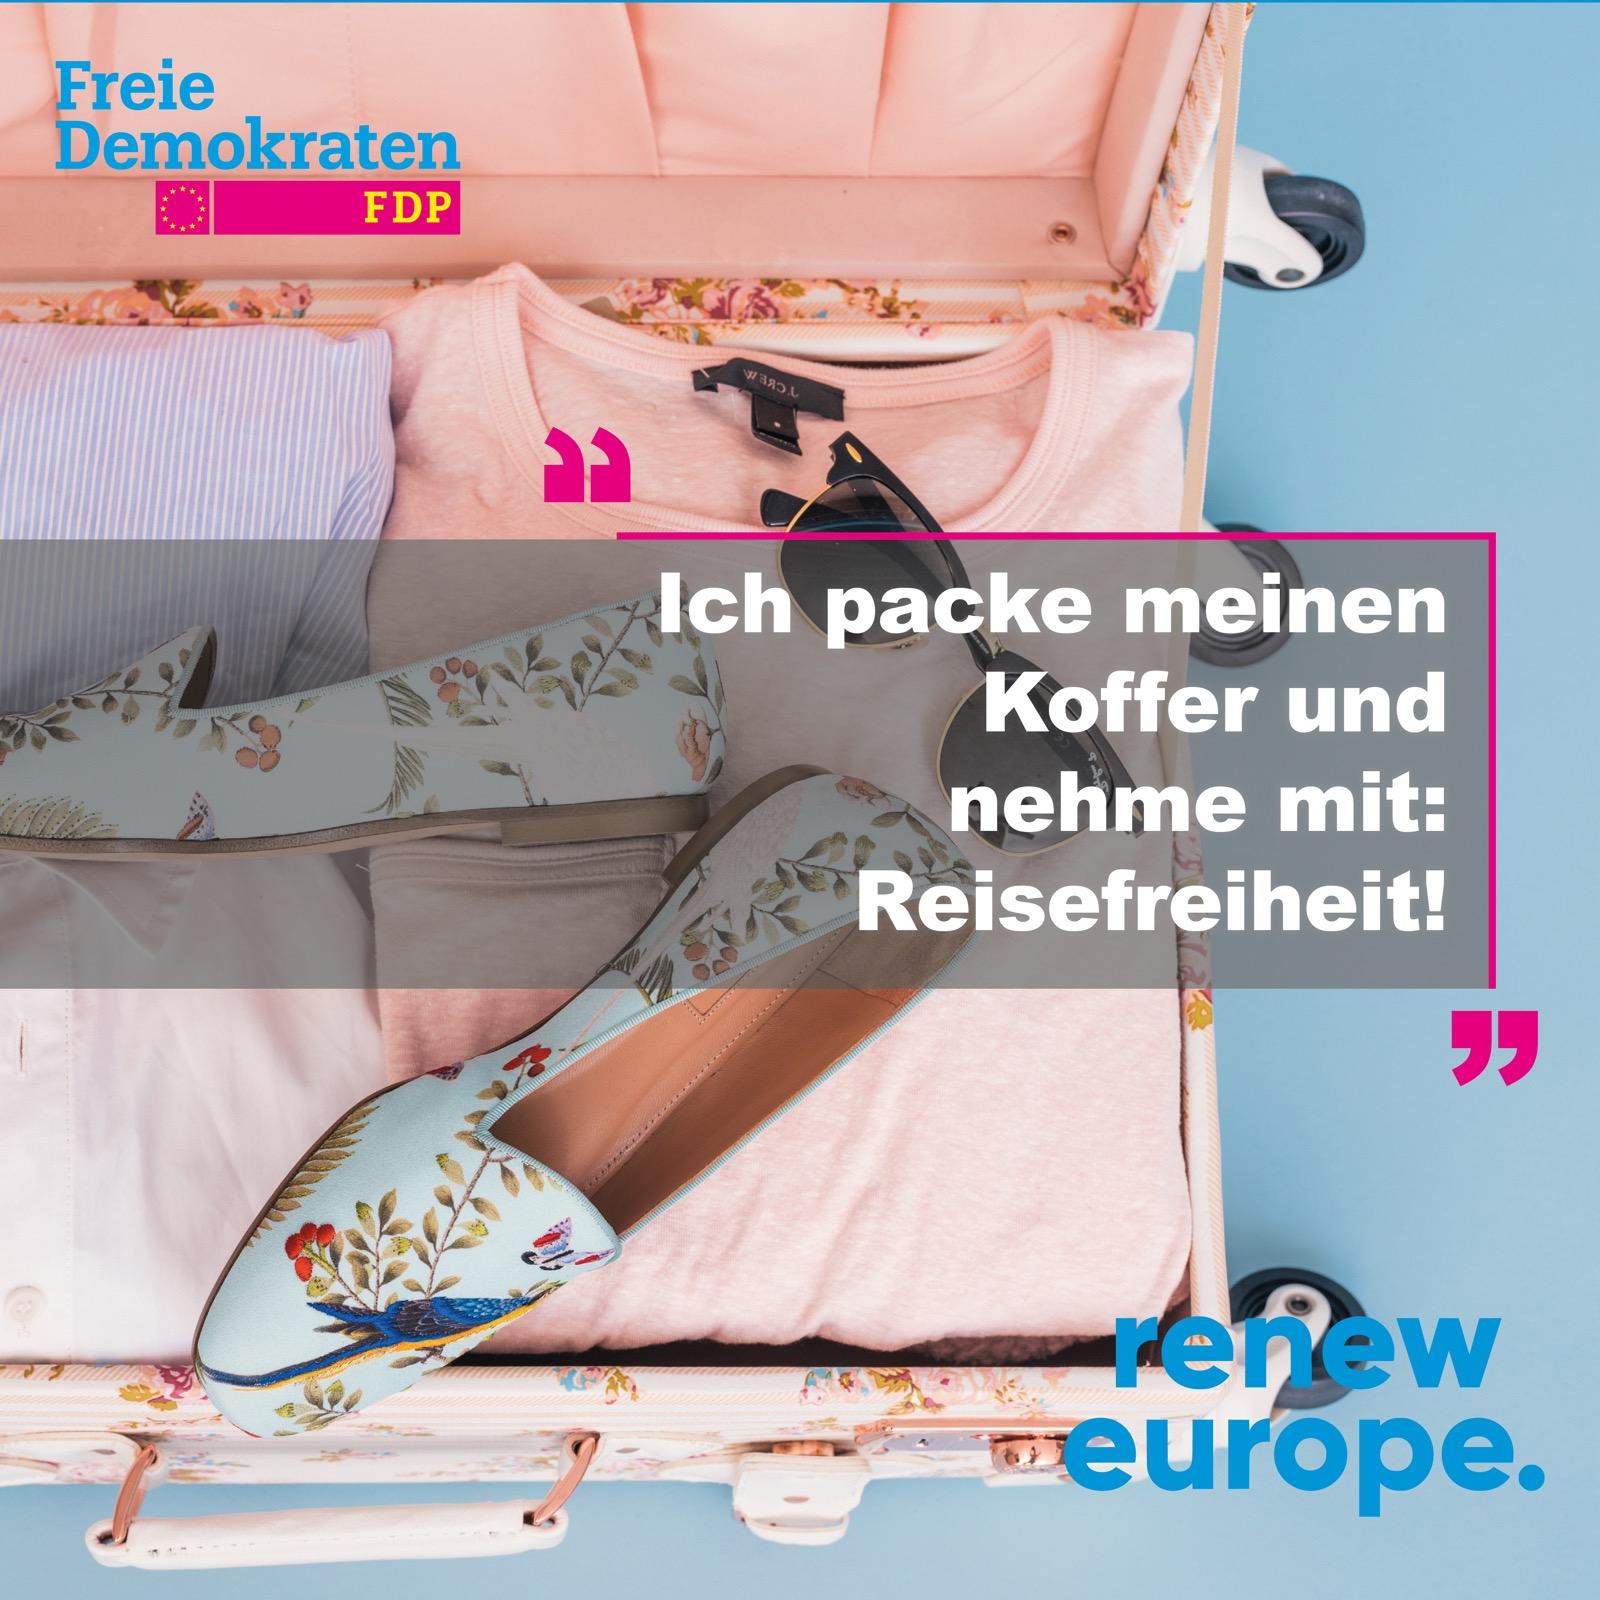 Ich packe meinen Koffer und nehme mit: Reisefreiheit!